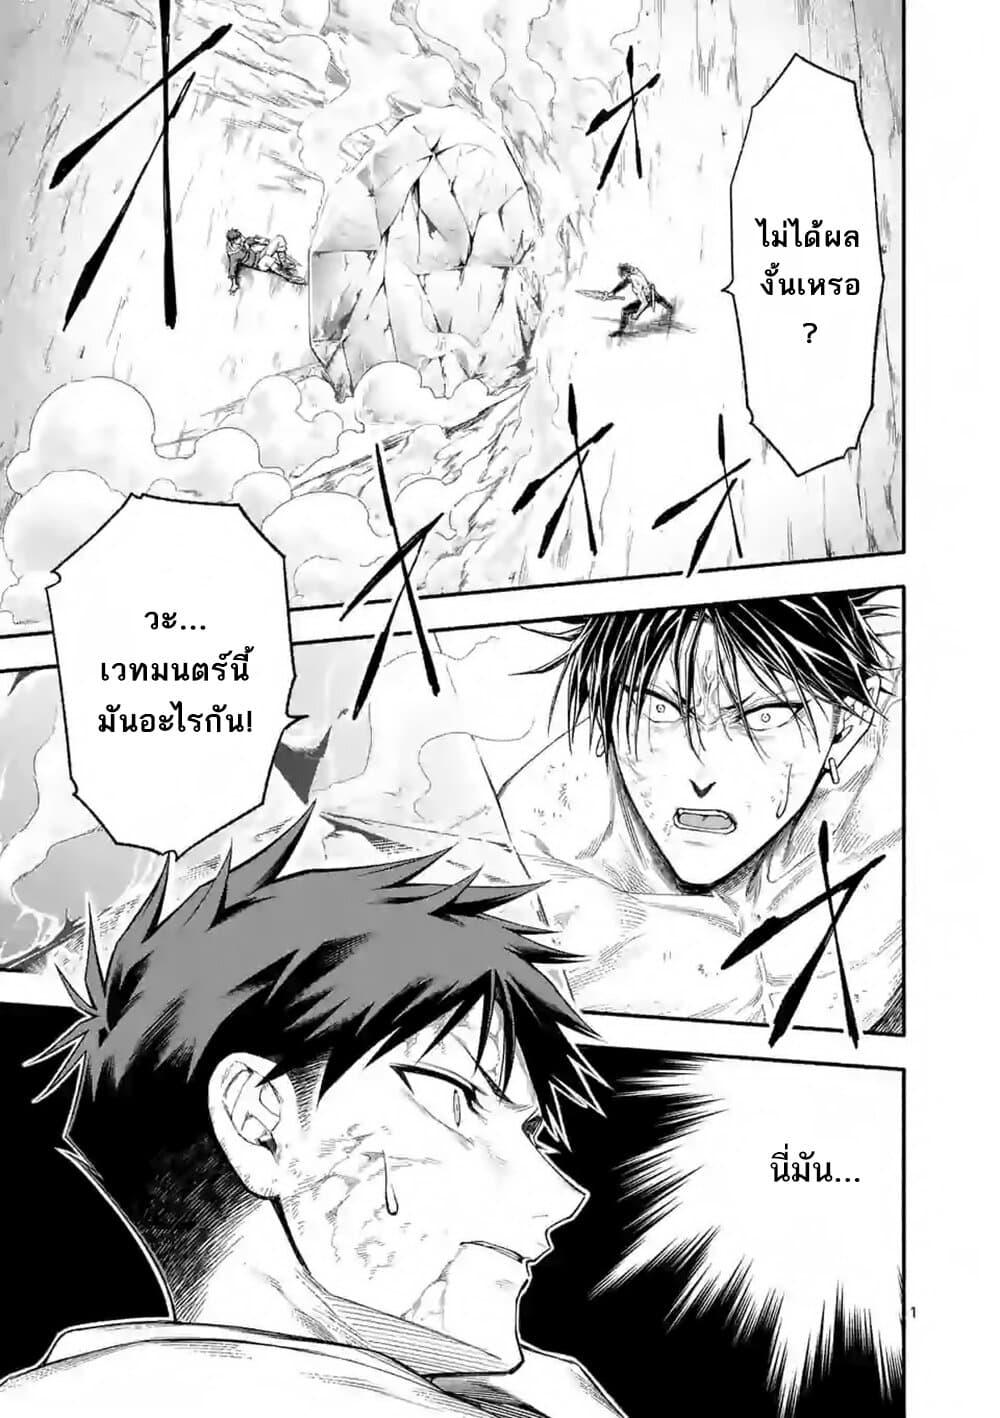 อ่านการ์ตูน Shi ni Modori, Subete o Sukuu Tame ni Saikyou ตอนที่ 17 หน้าที่ 2